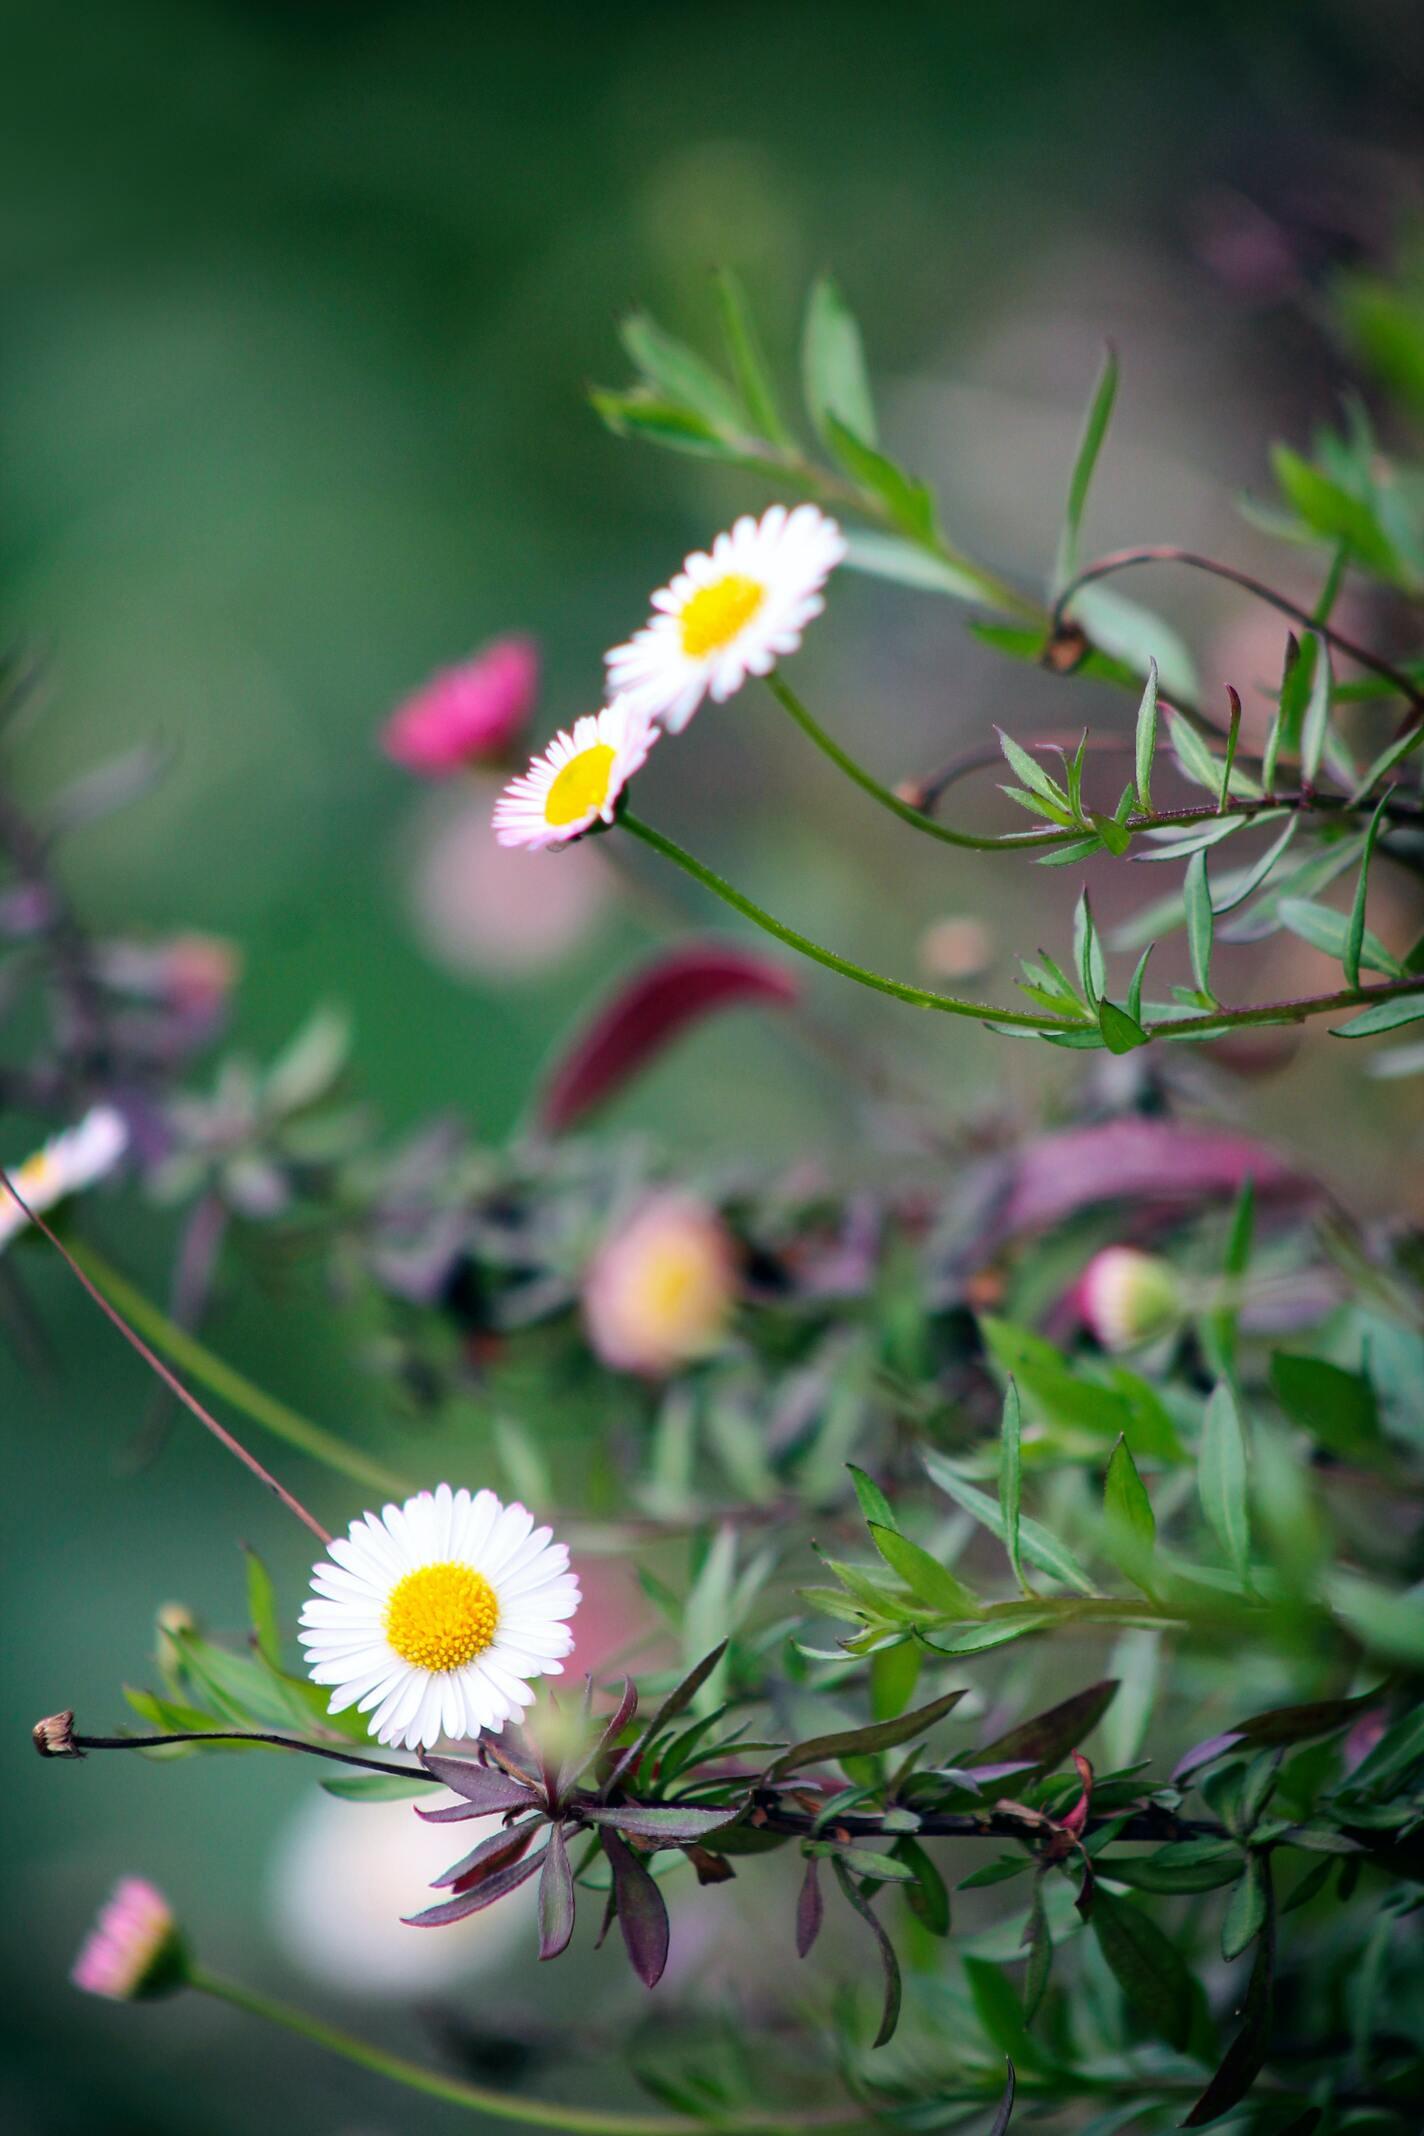 Hình ảnh bông hoa cúc dại